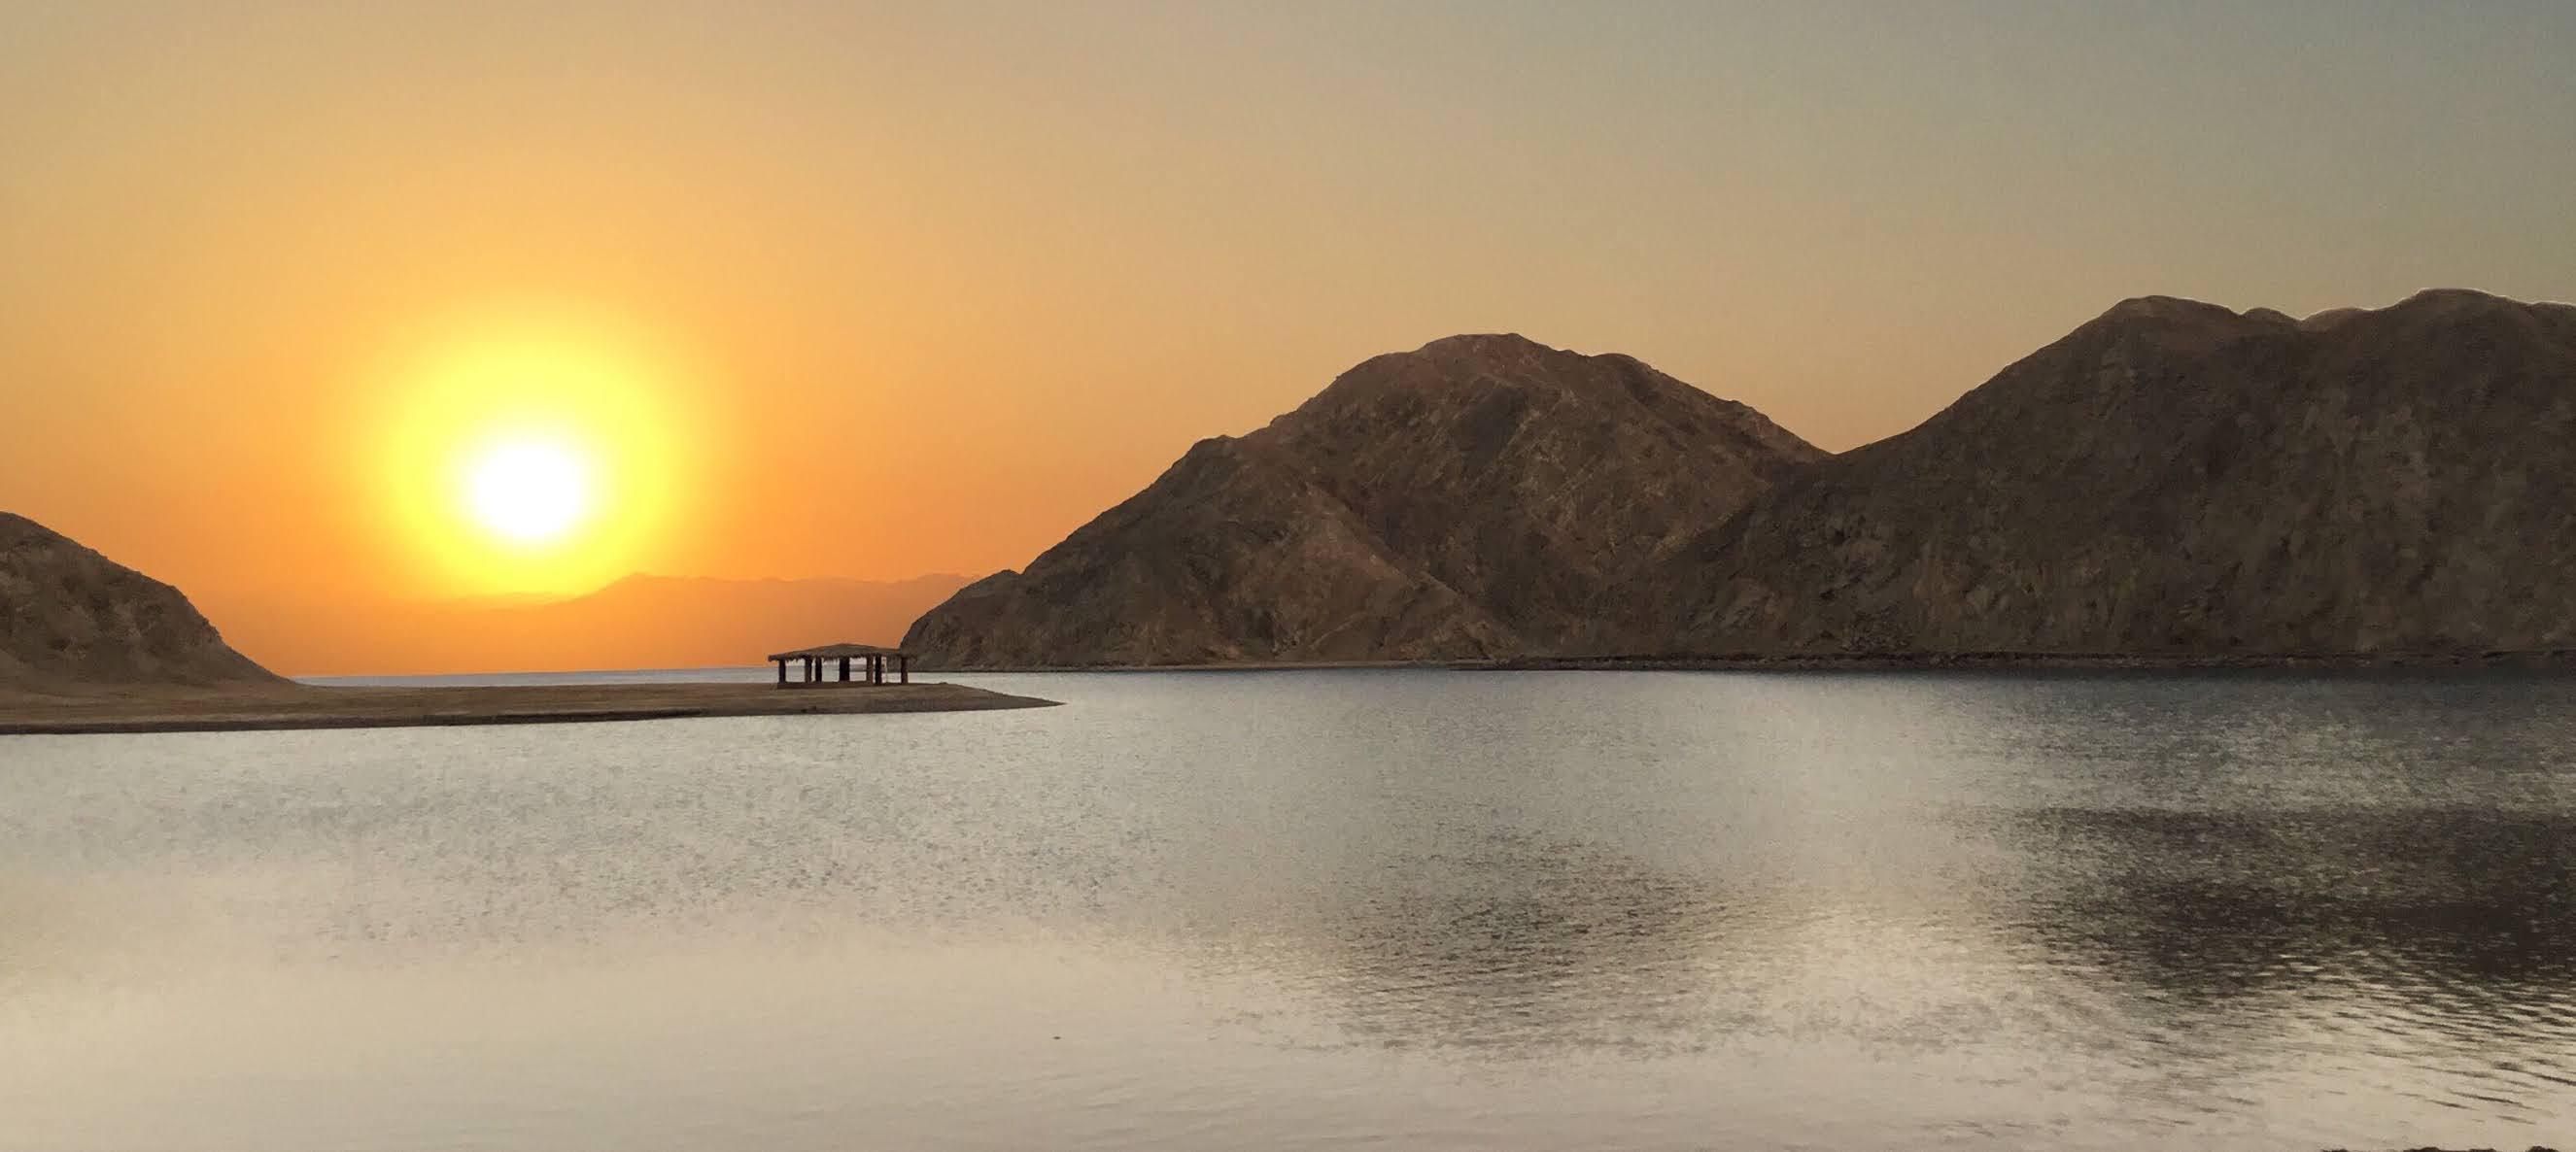 السيسي يوجه بمواصلة مشروعات استصلاح الأراضي في سيناء